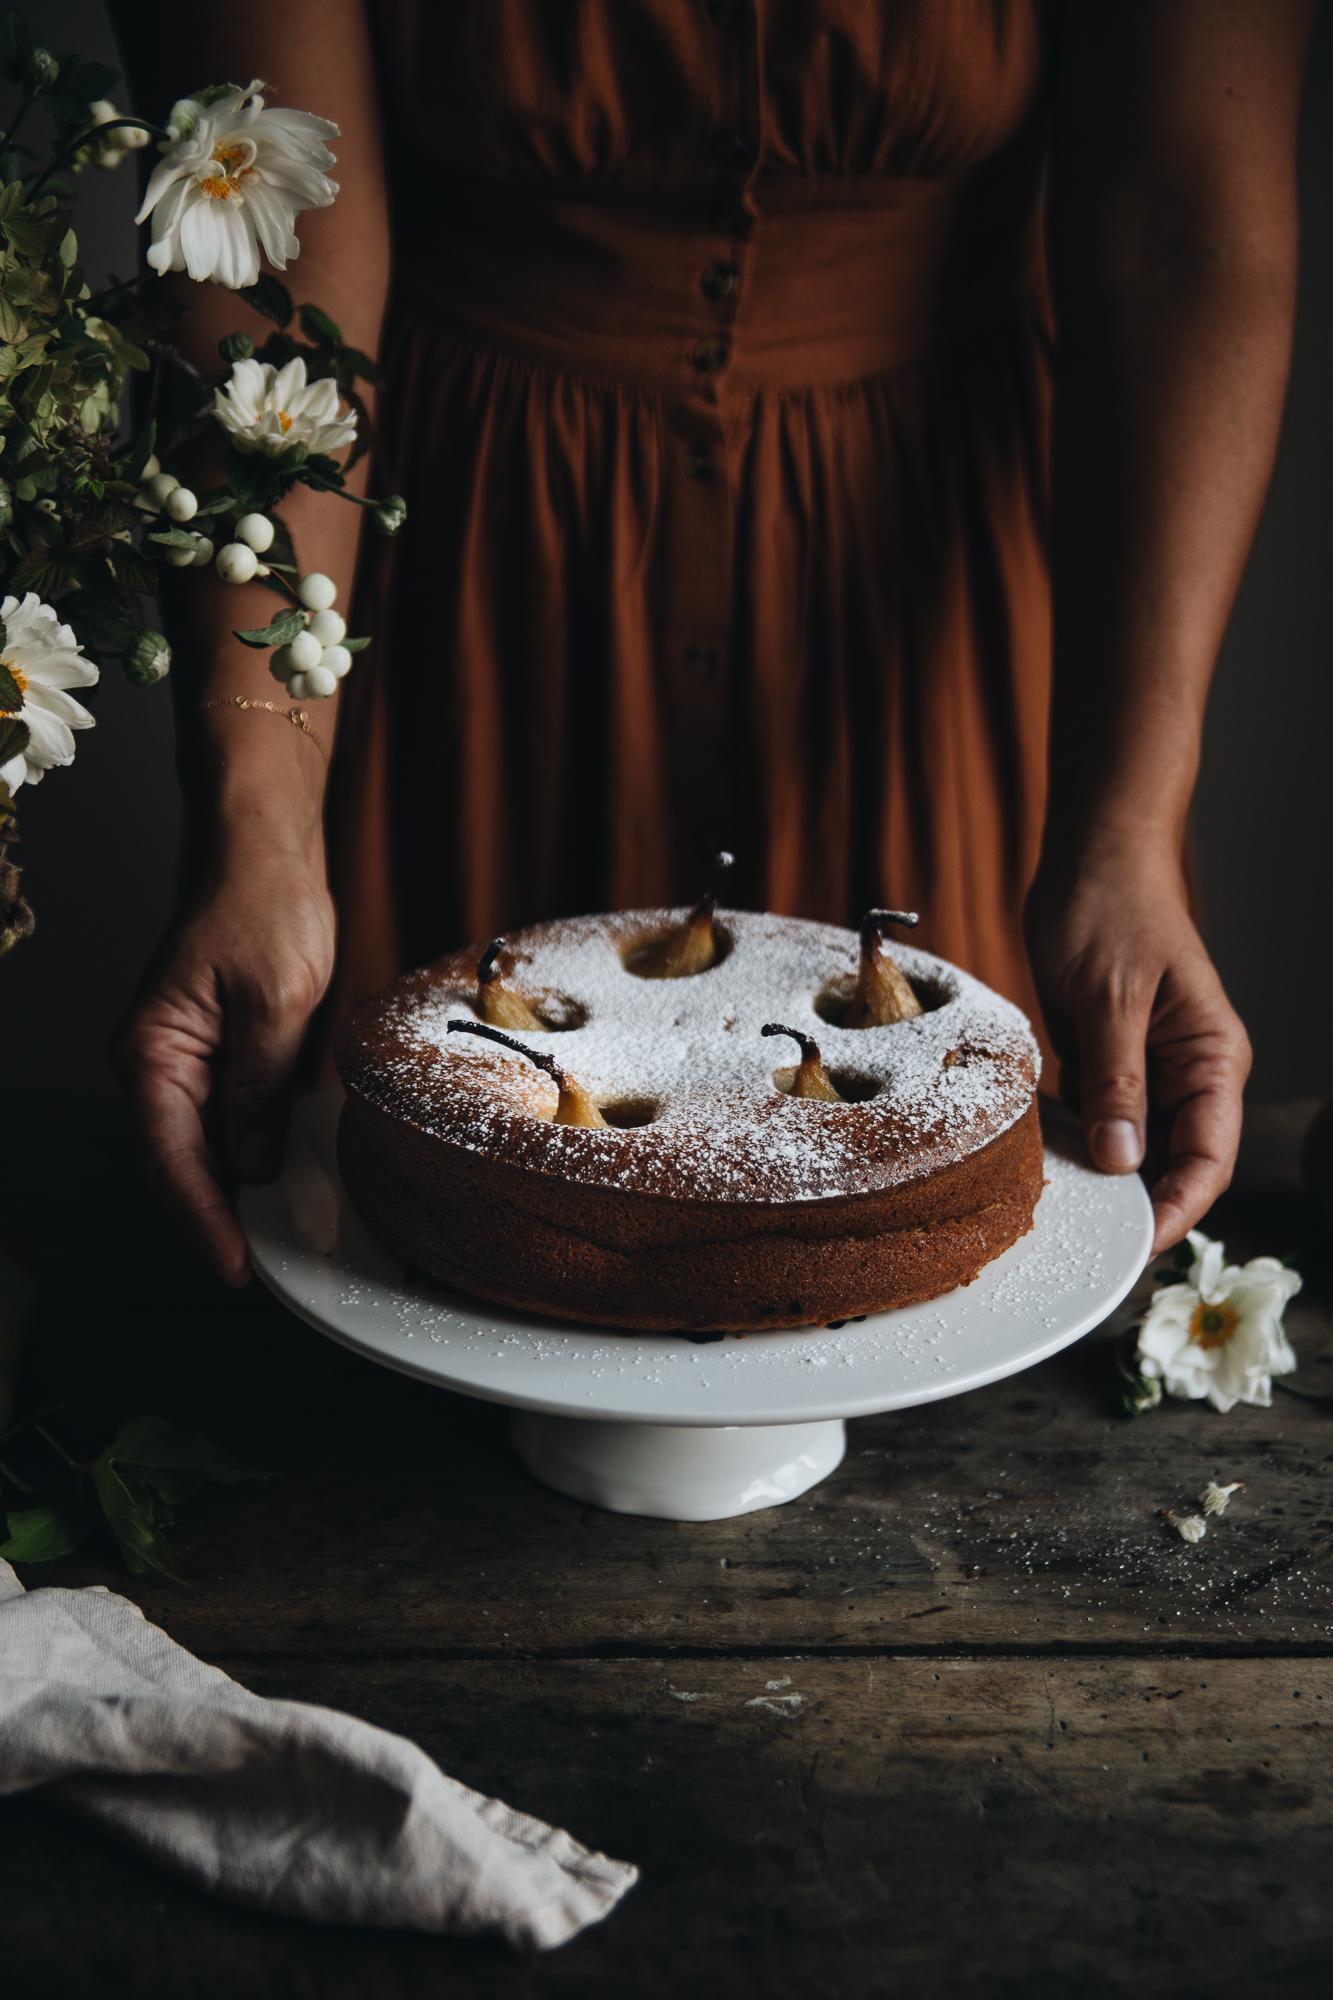 Gateau aux poires à la vanille - Ophelie's Kitchen Book